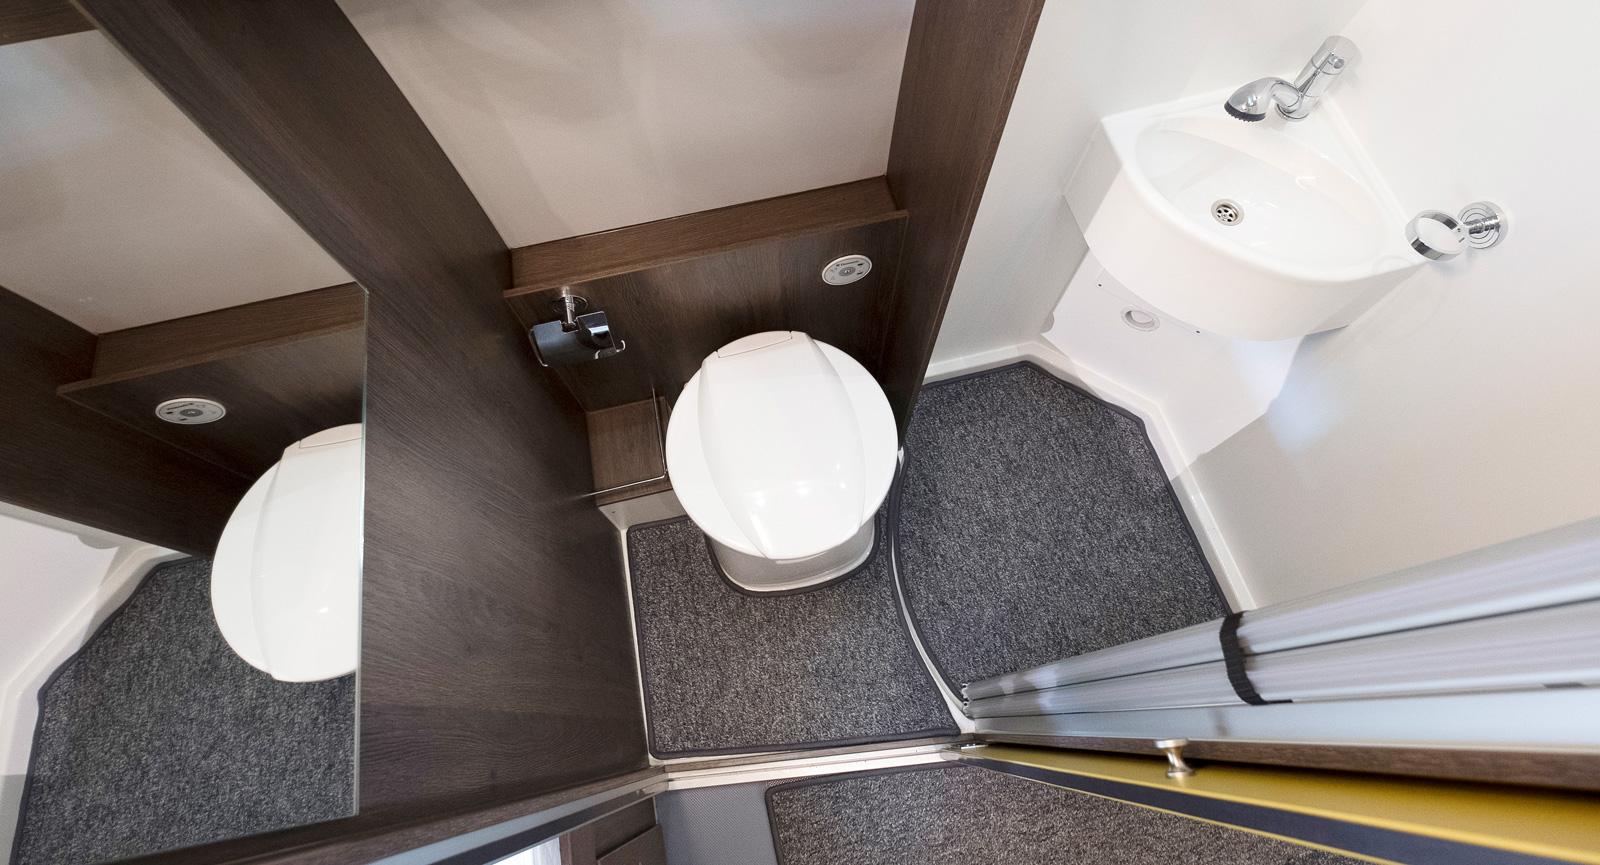 Badrummet är faktiskt riktigt rymligt för att vara en plåtis. Det finns gott om plats för alla användningsområden.